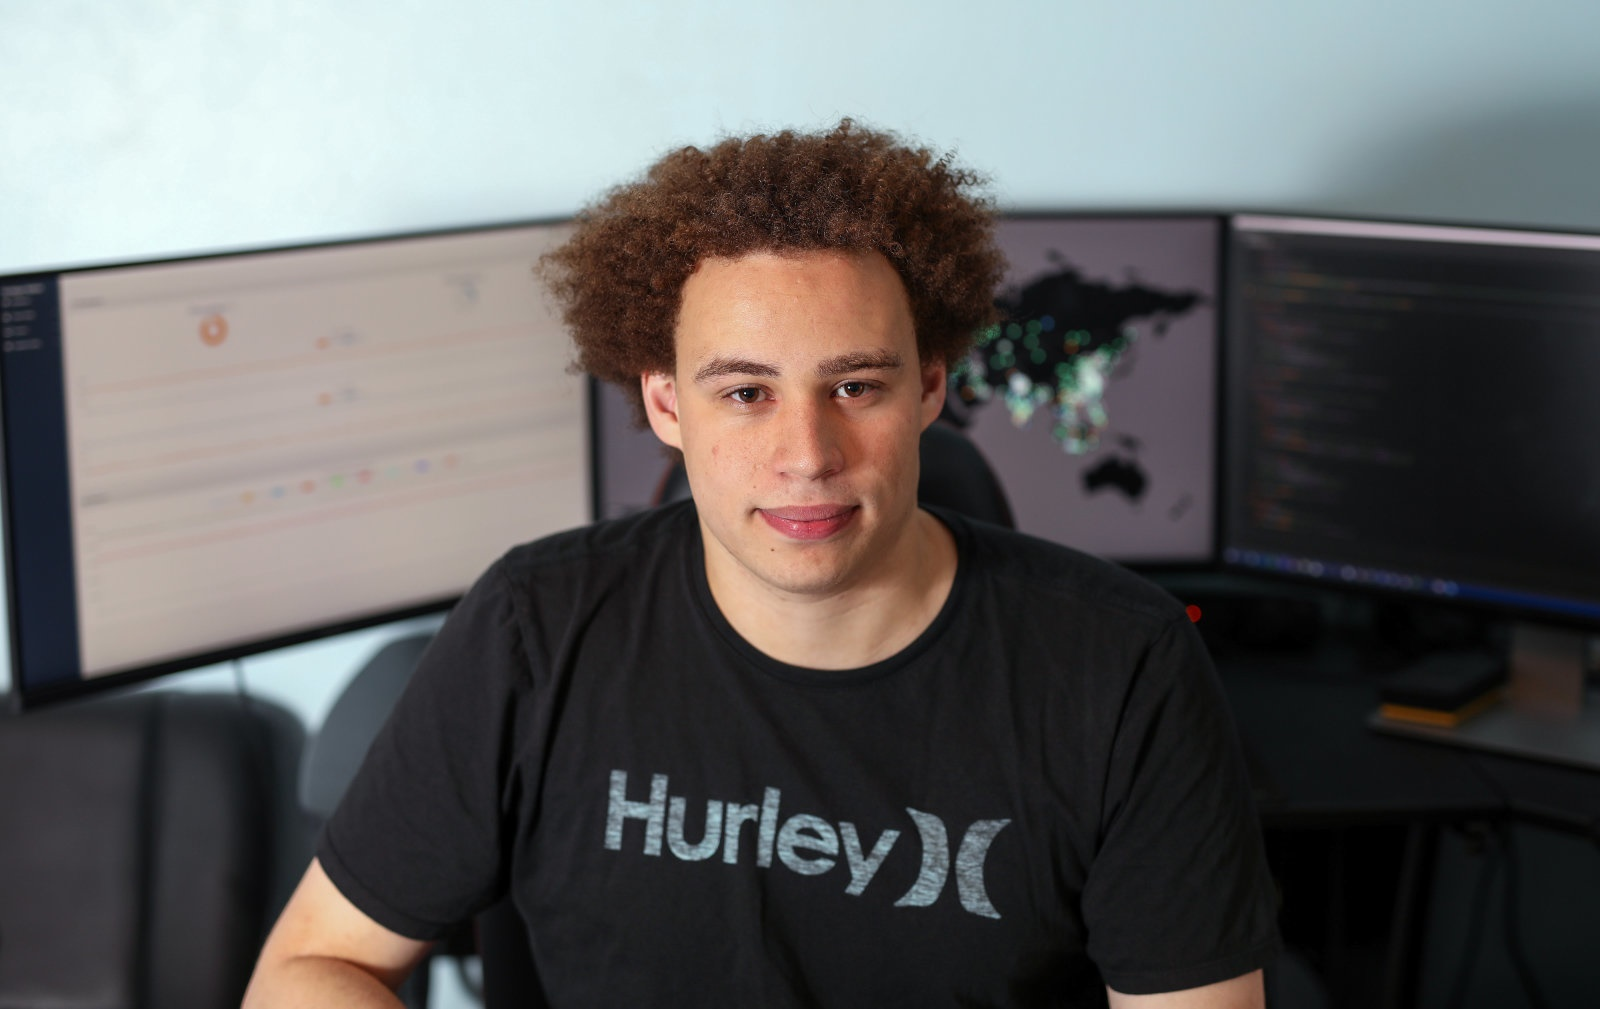 بازداشت هکرانگلیسی که جلوی توسعه باجافزار واناکرای را گرفت /عکس